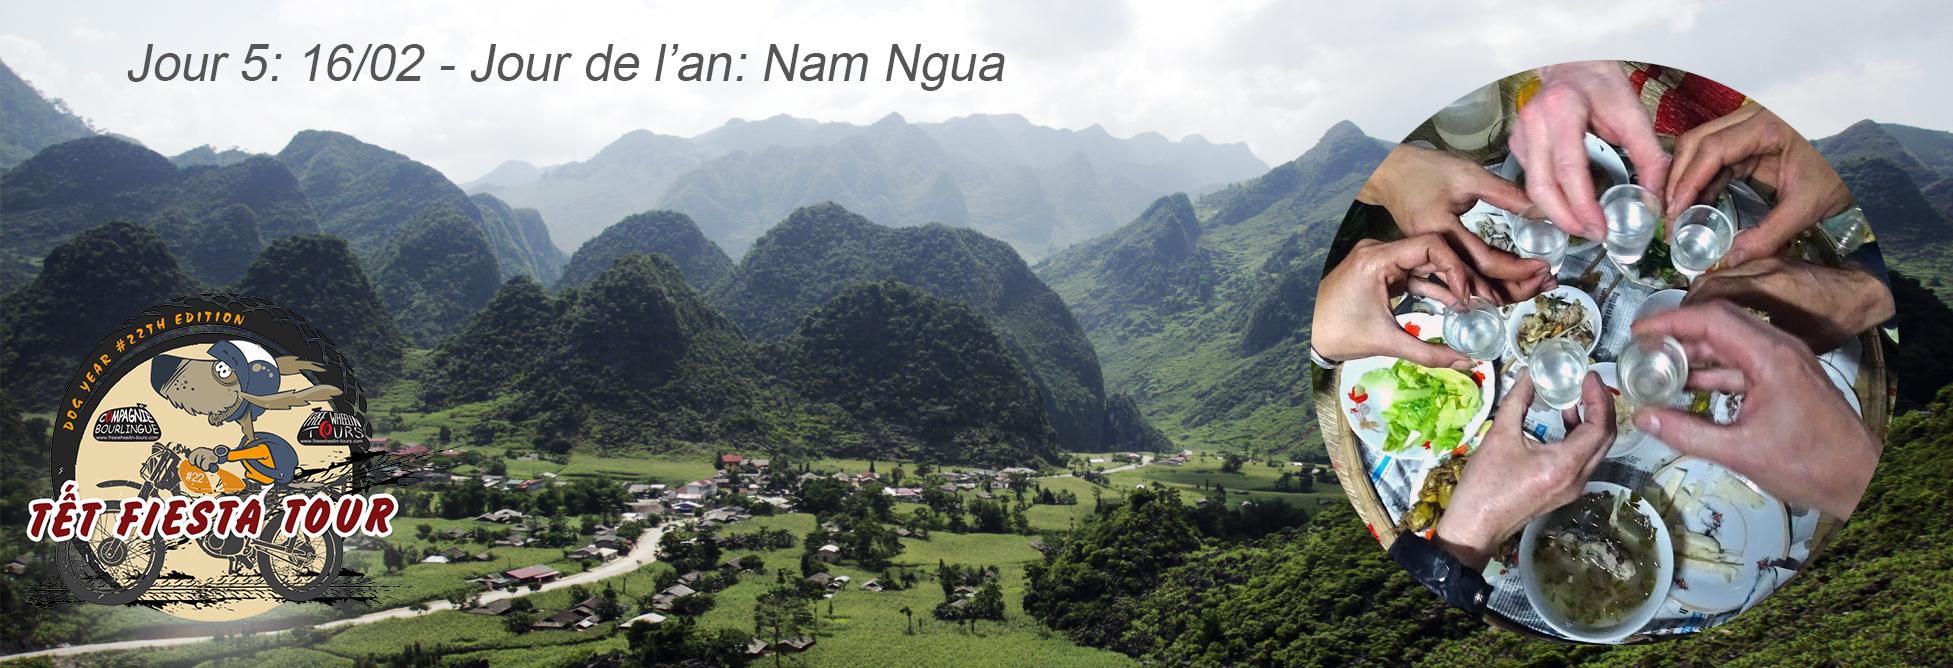 Jour-5-Nam-Ngua